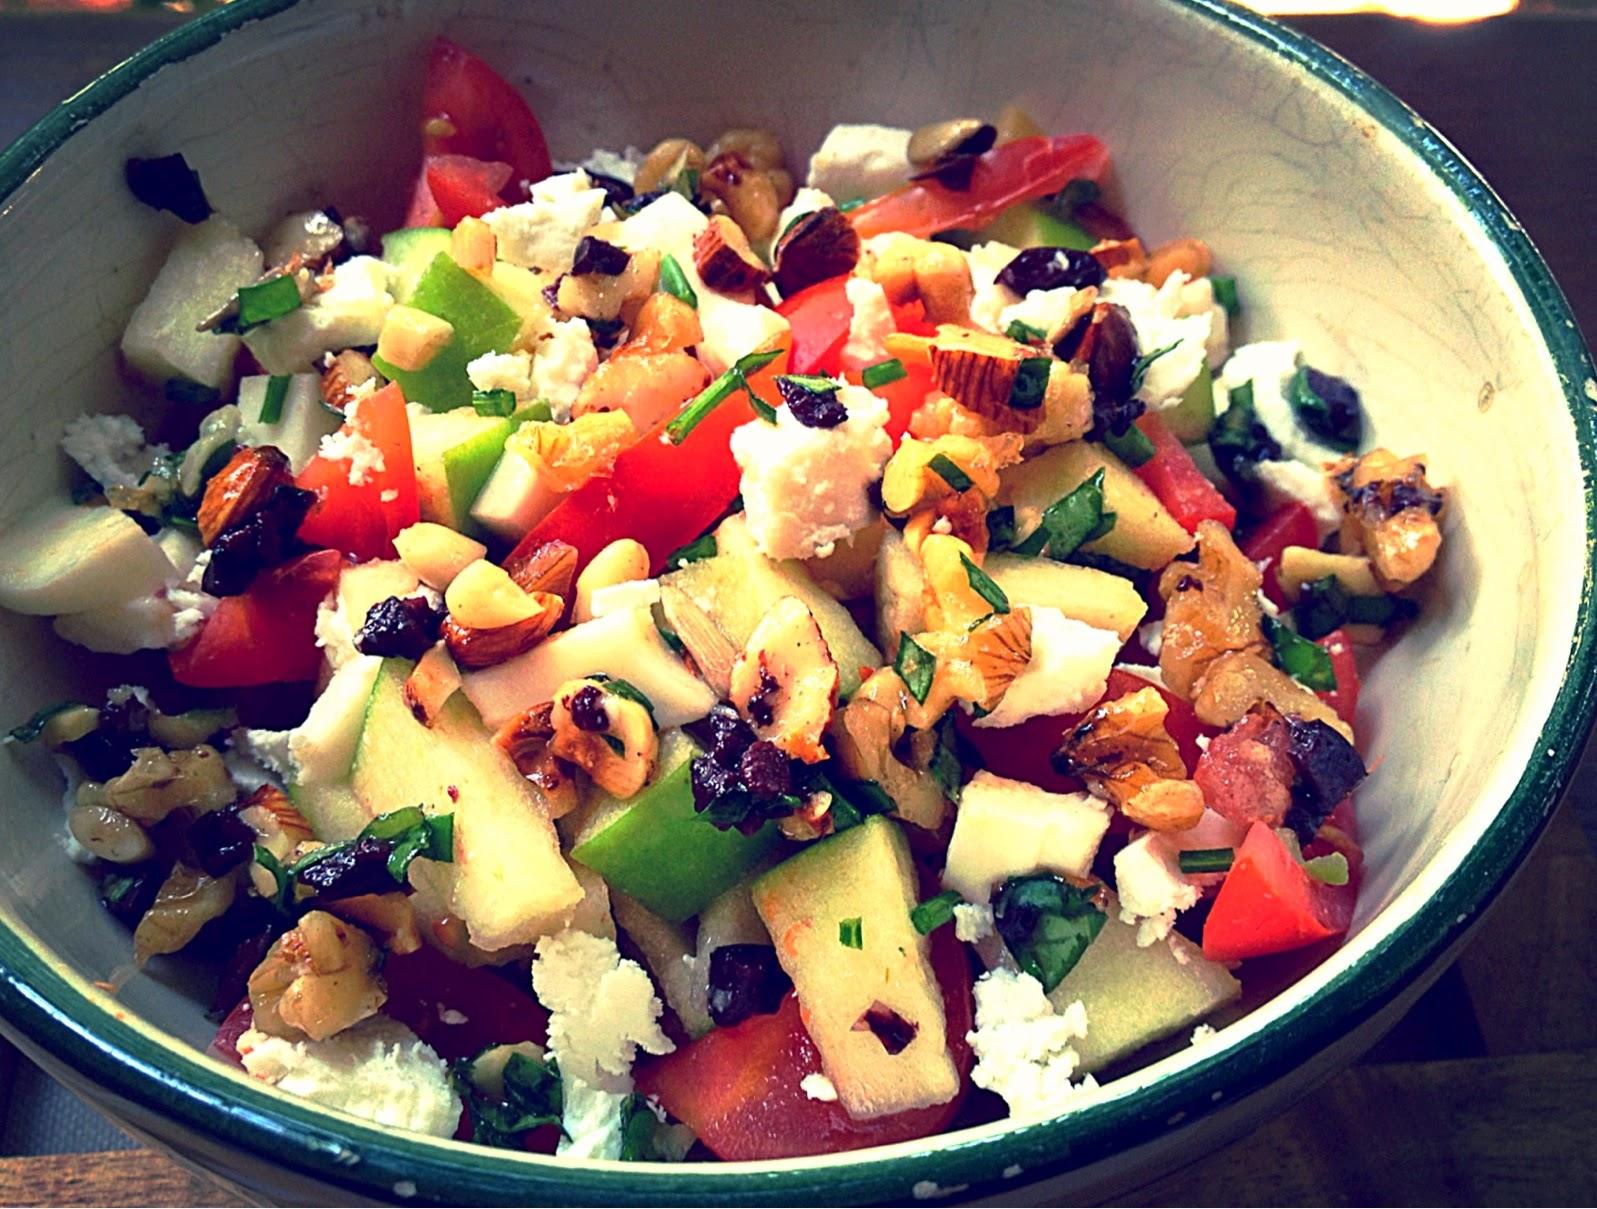 Ensalada de manzana, cherrys y queso con vinagreta de frutos secos